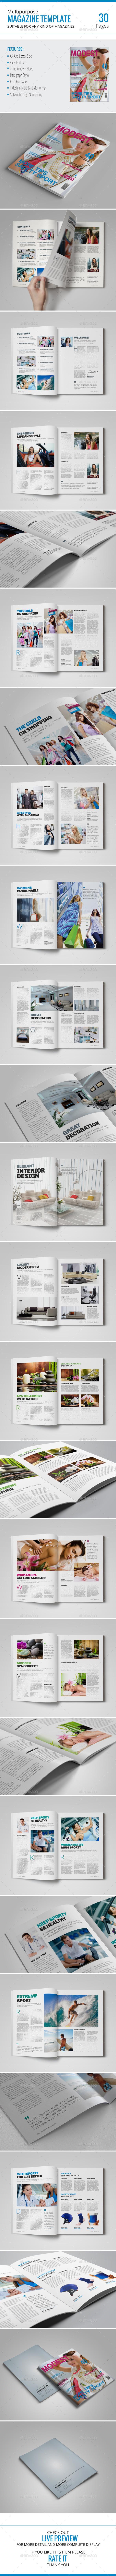 GraphicRiver Multipurpose Magazine Template 10053915